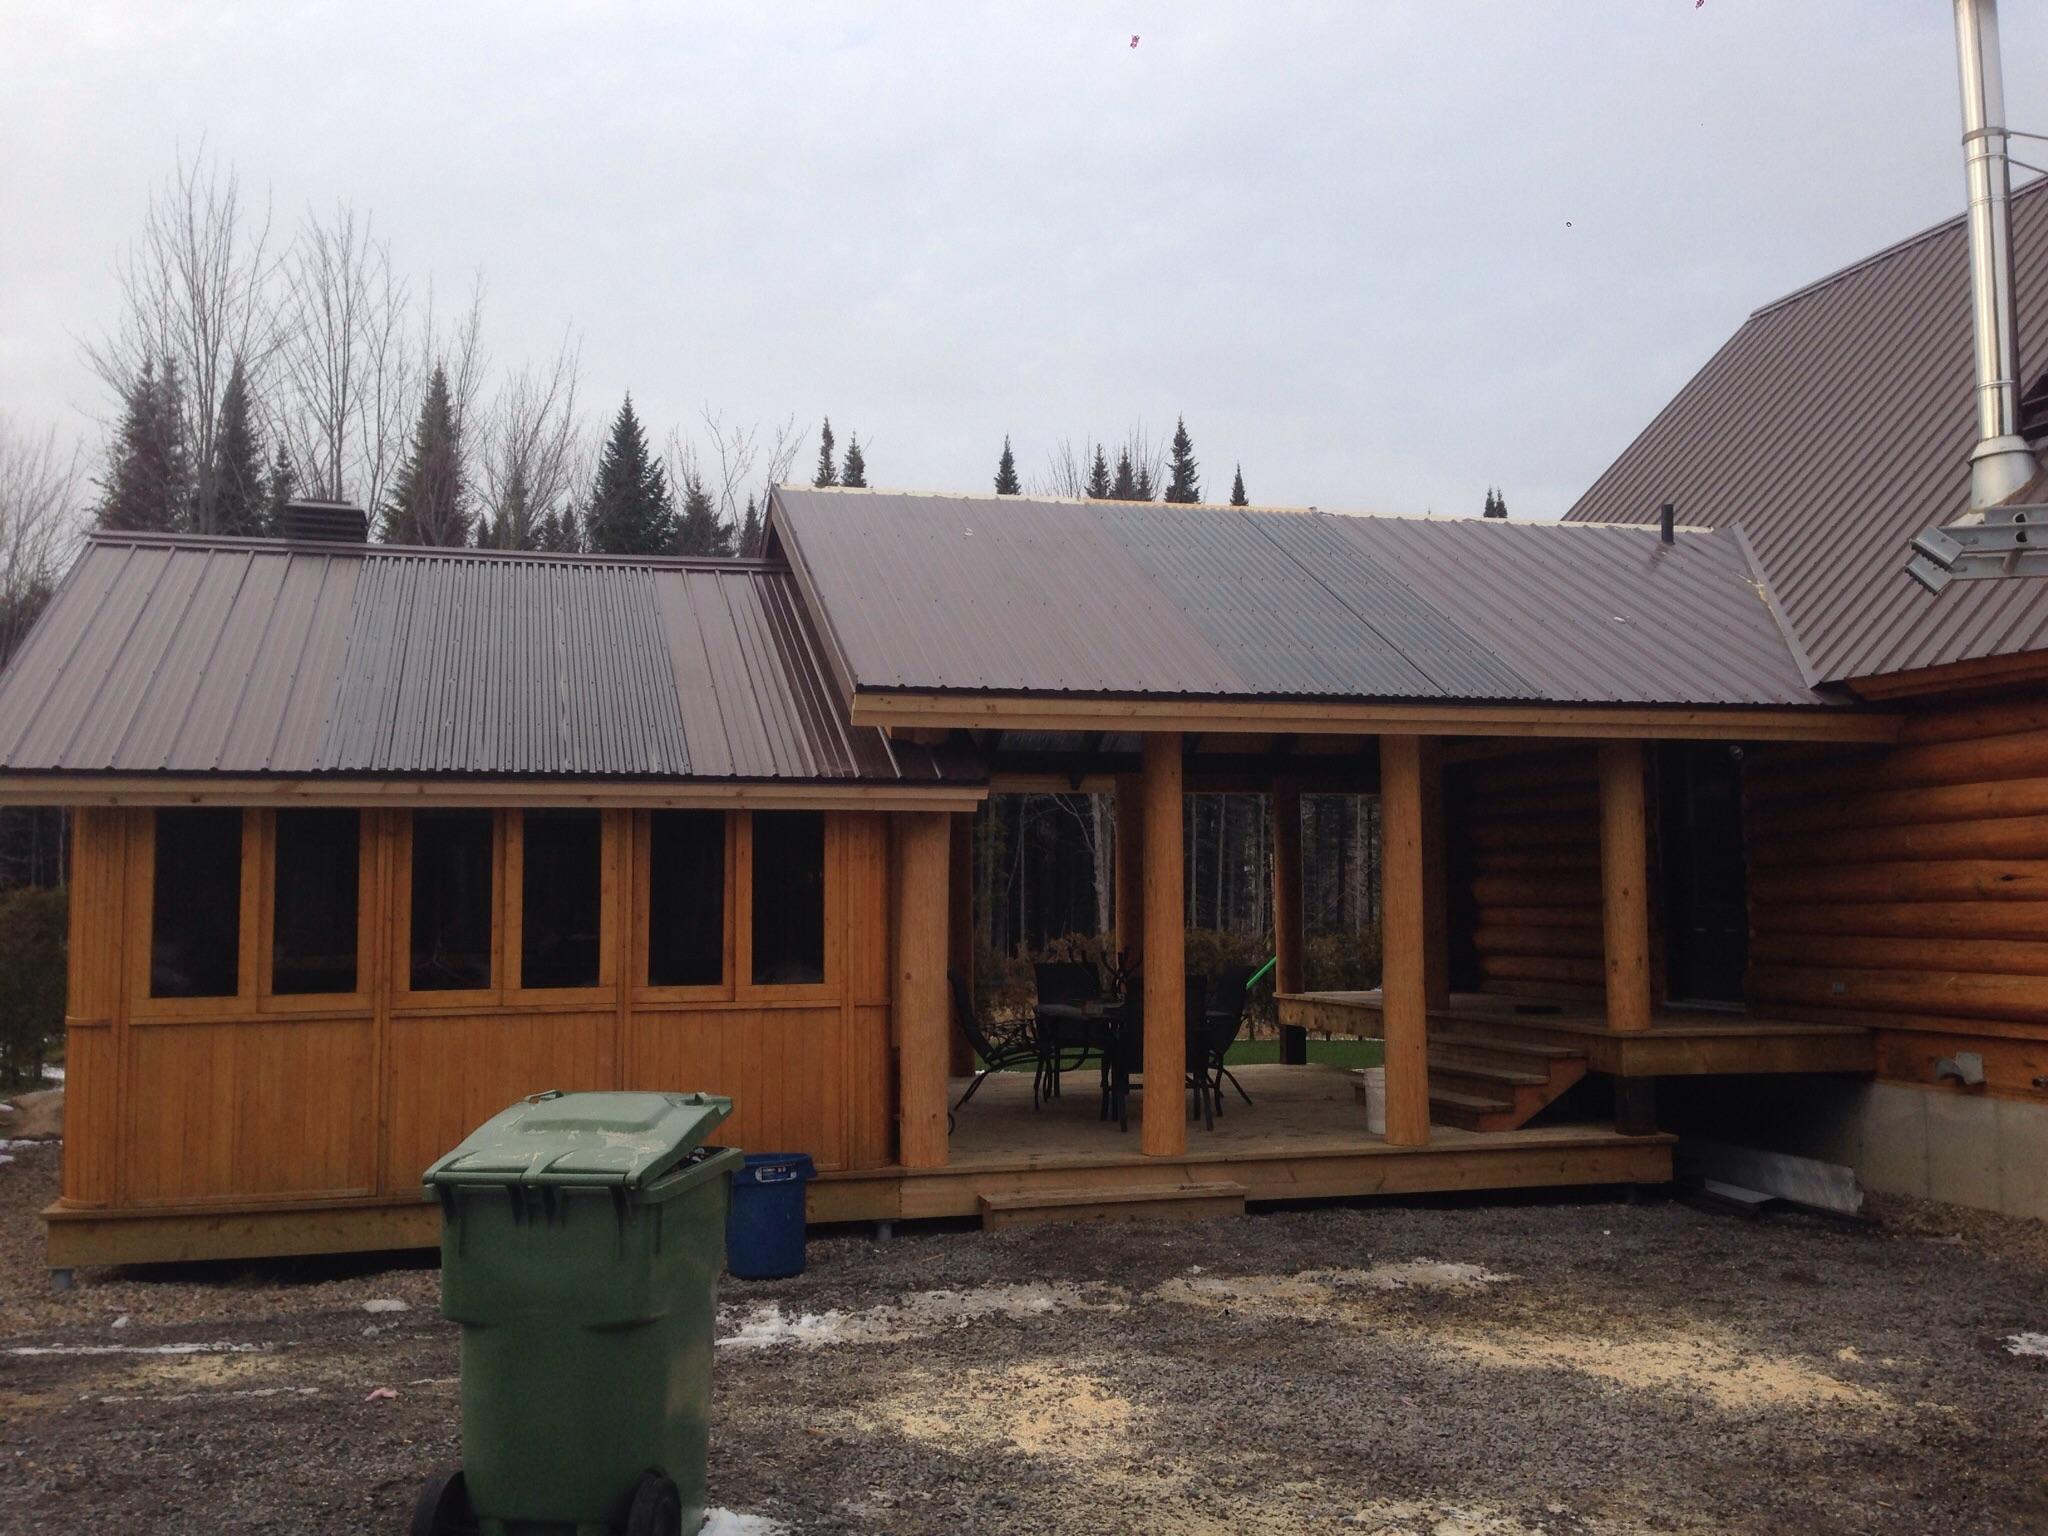 Plan pour agrandir sa maison ajout de garage pour de for Ajout garage maison